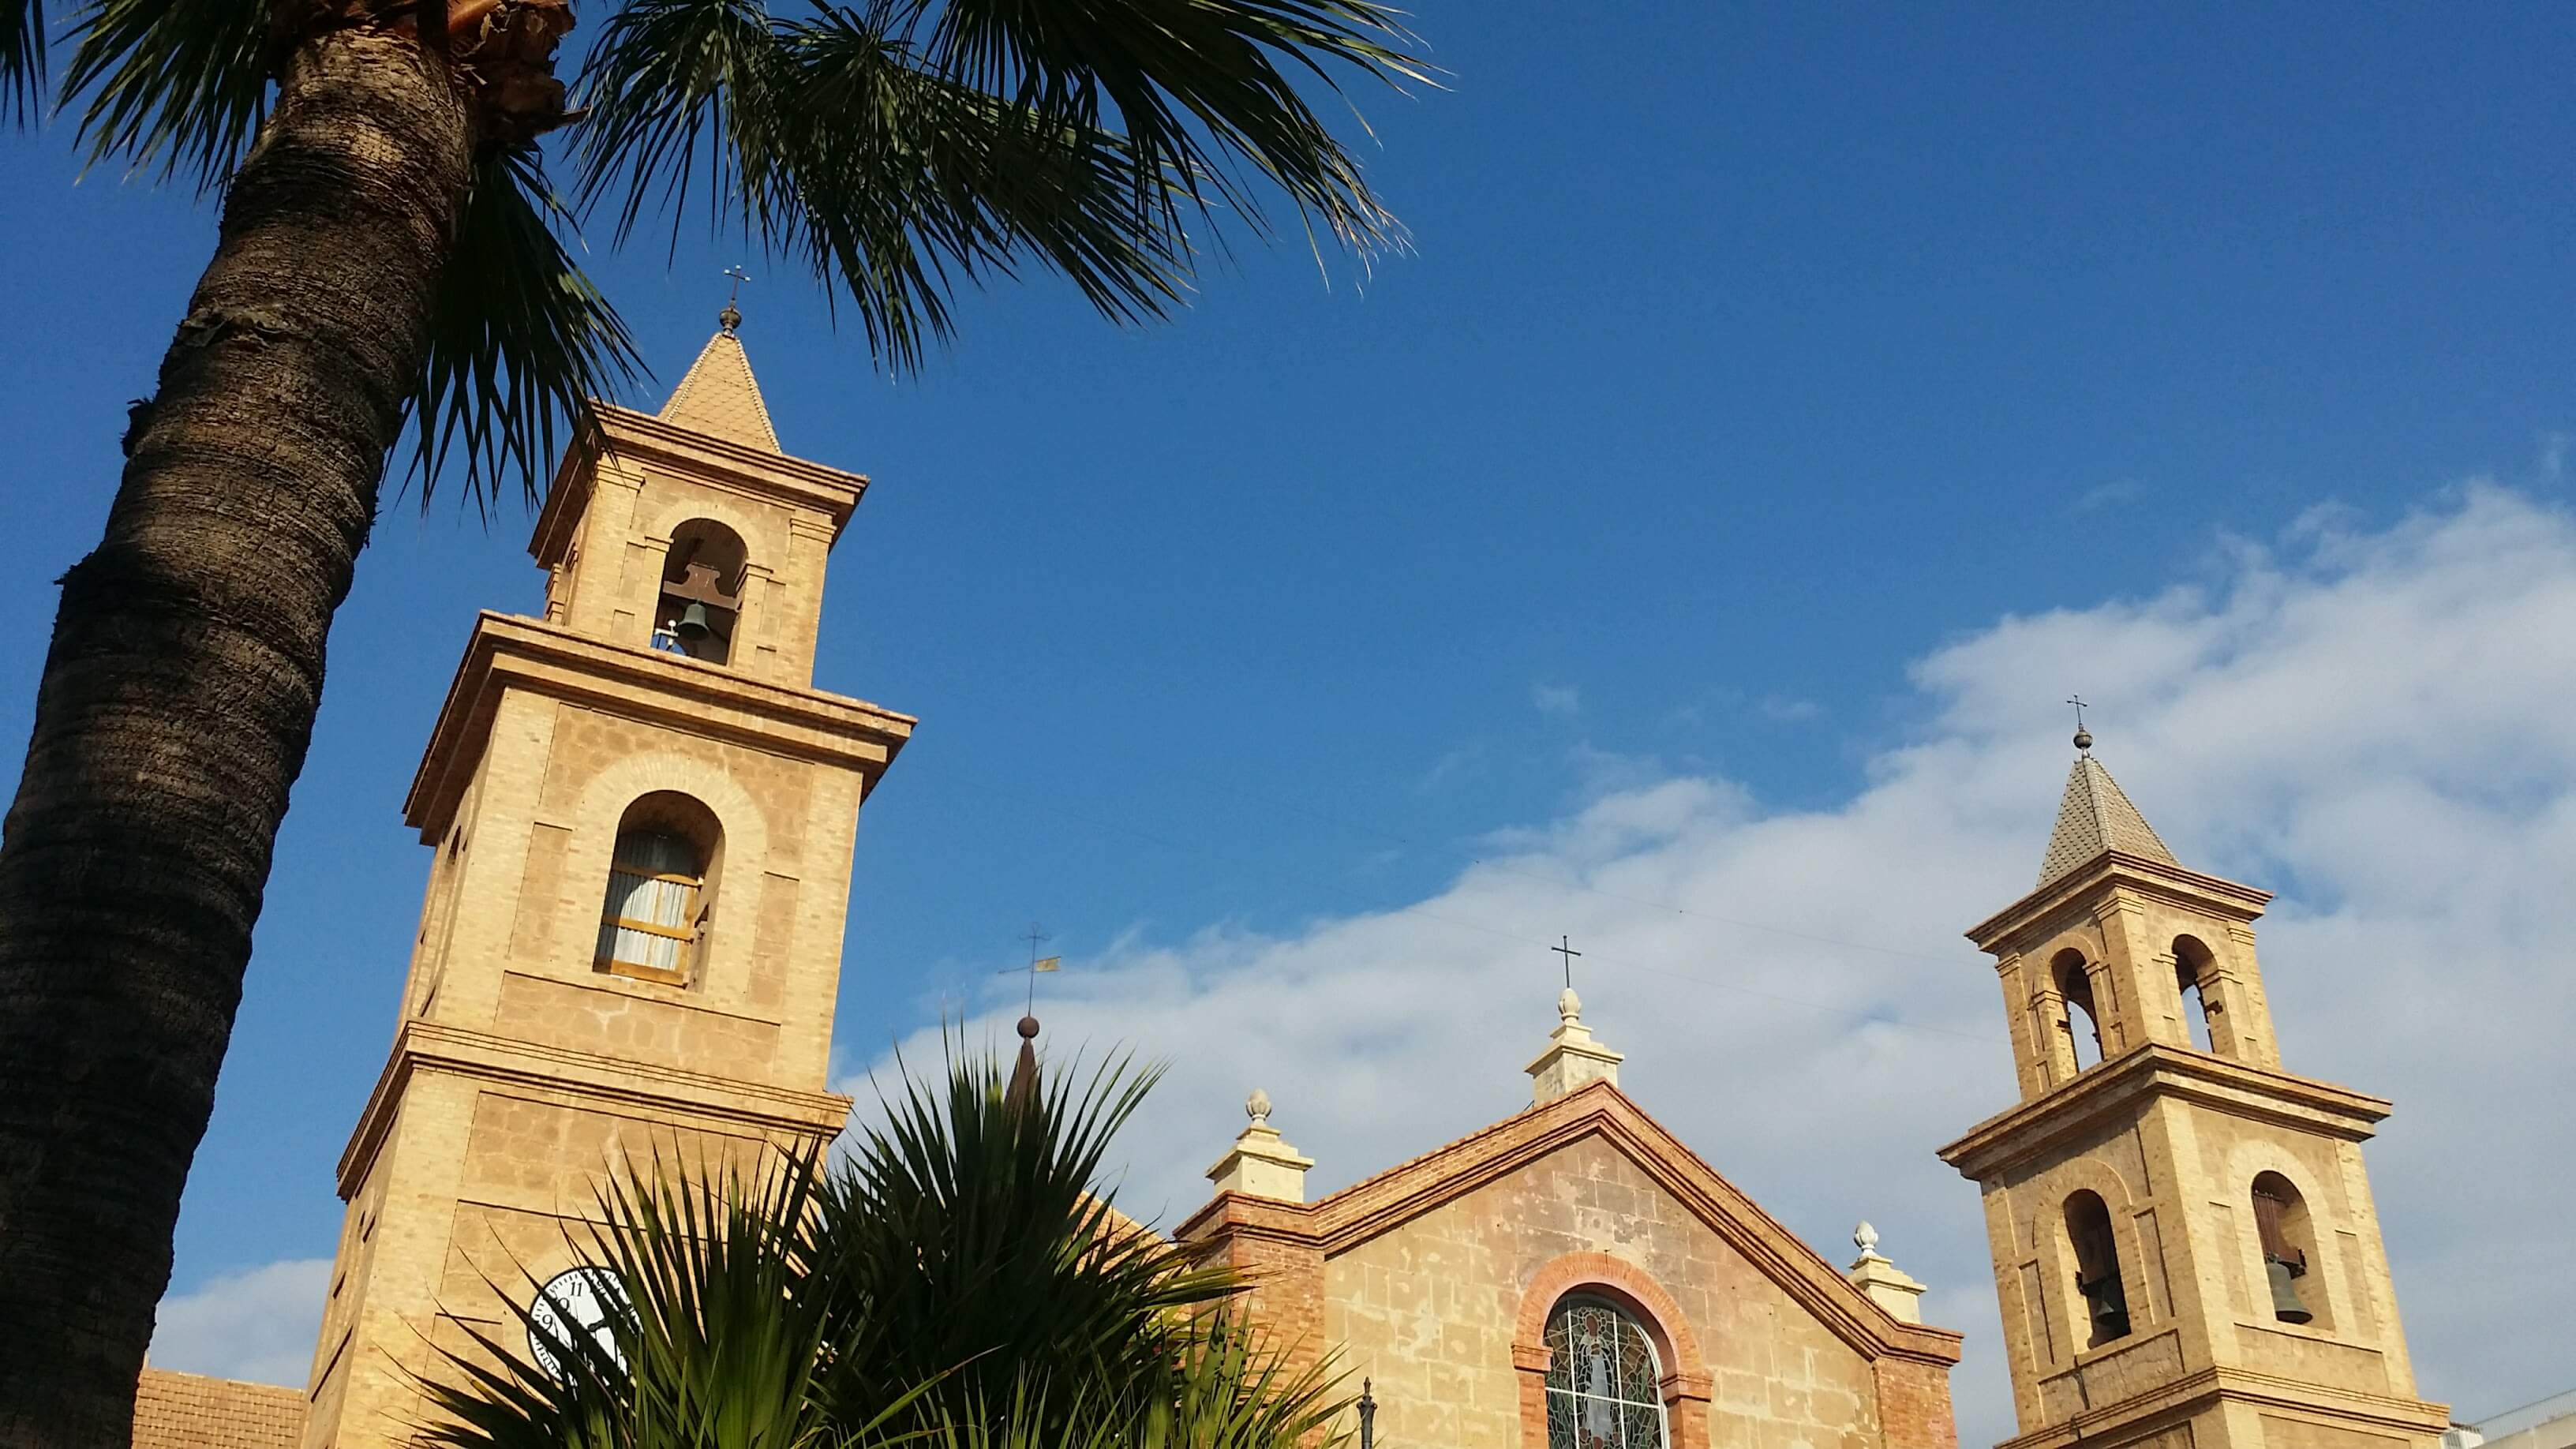 Kirche im spanischen Torrevieja